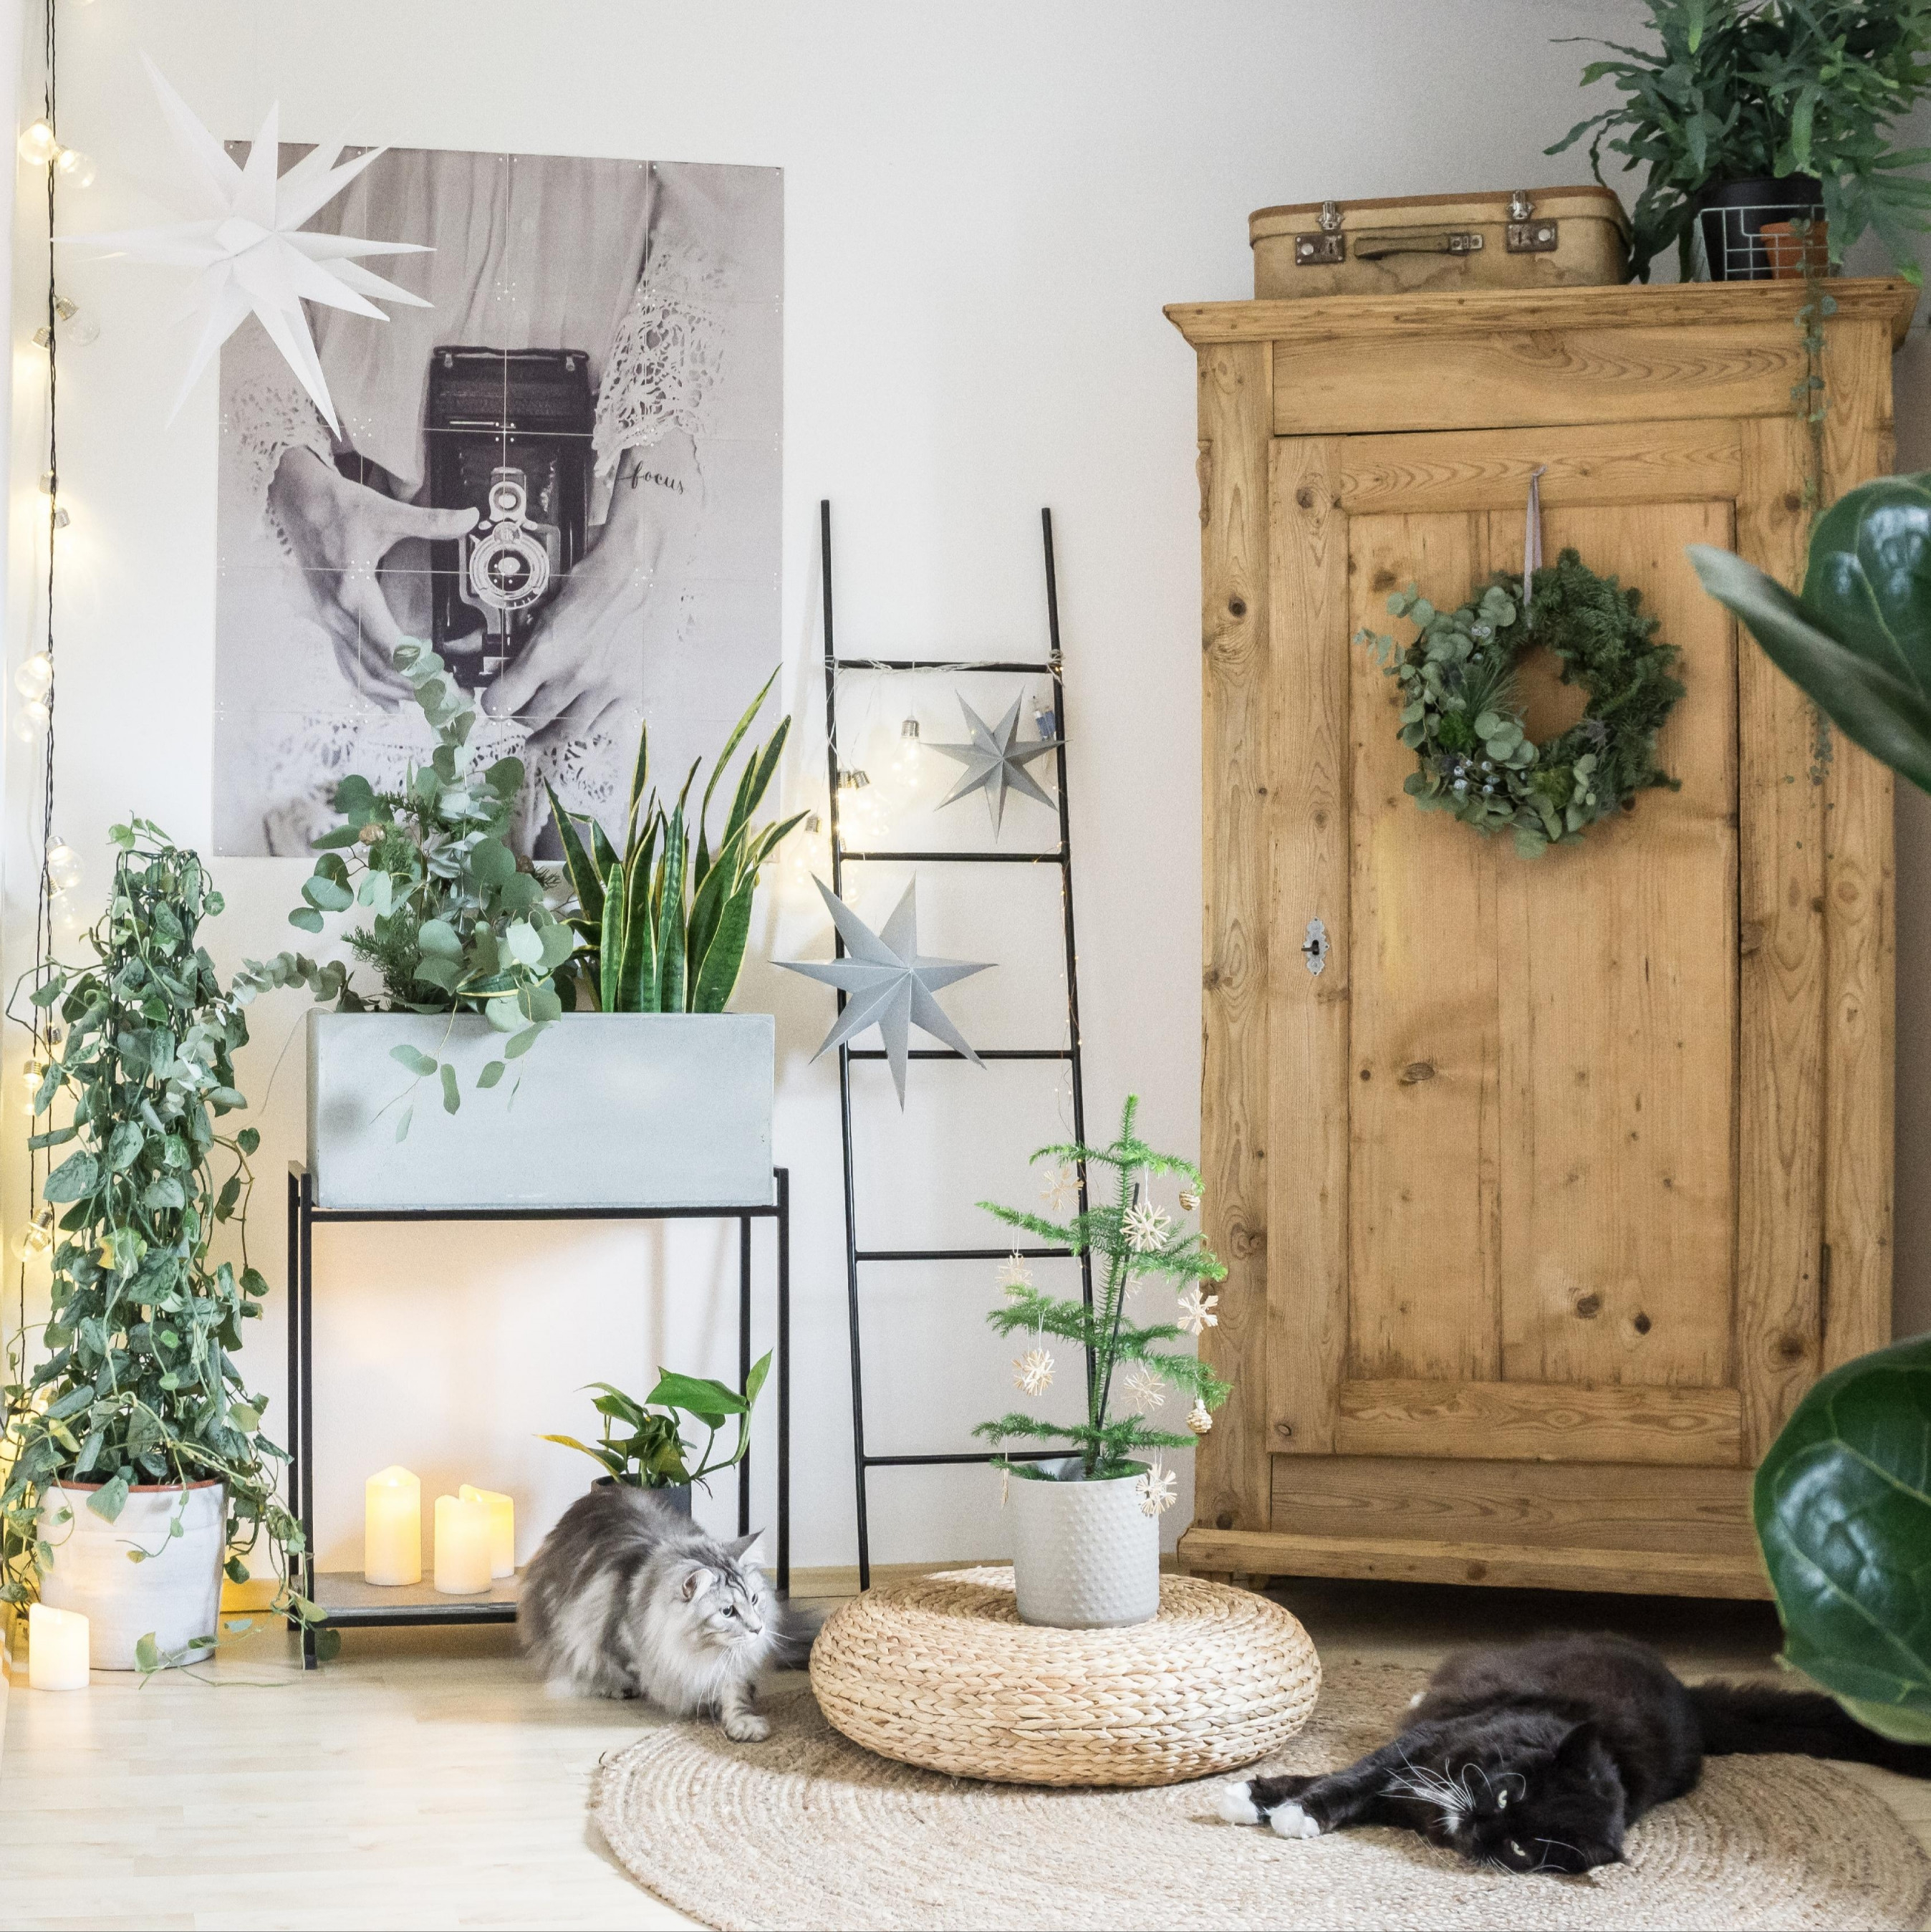 Deko Ideen Fur Das Wohnzimmer – Caseconrad von Deko Ecke Wohnzimmer Photo